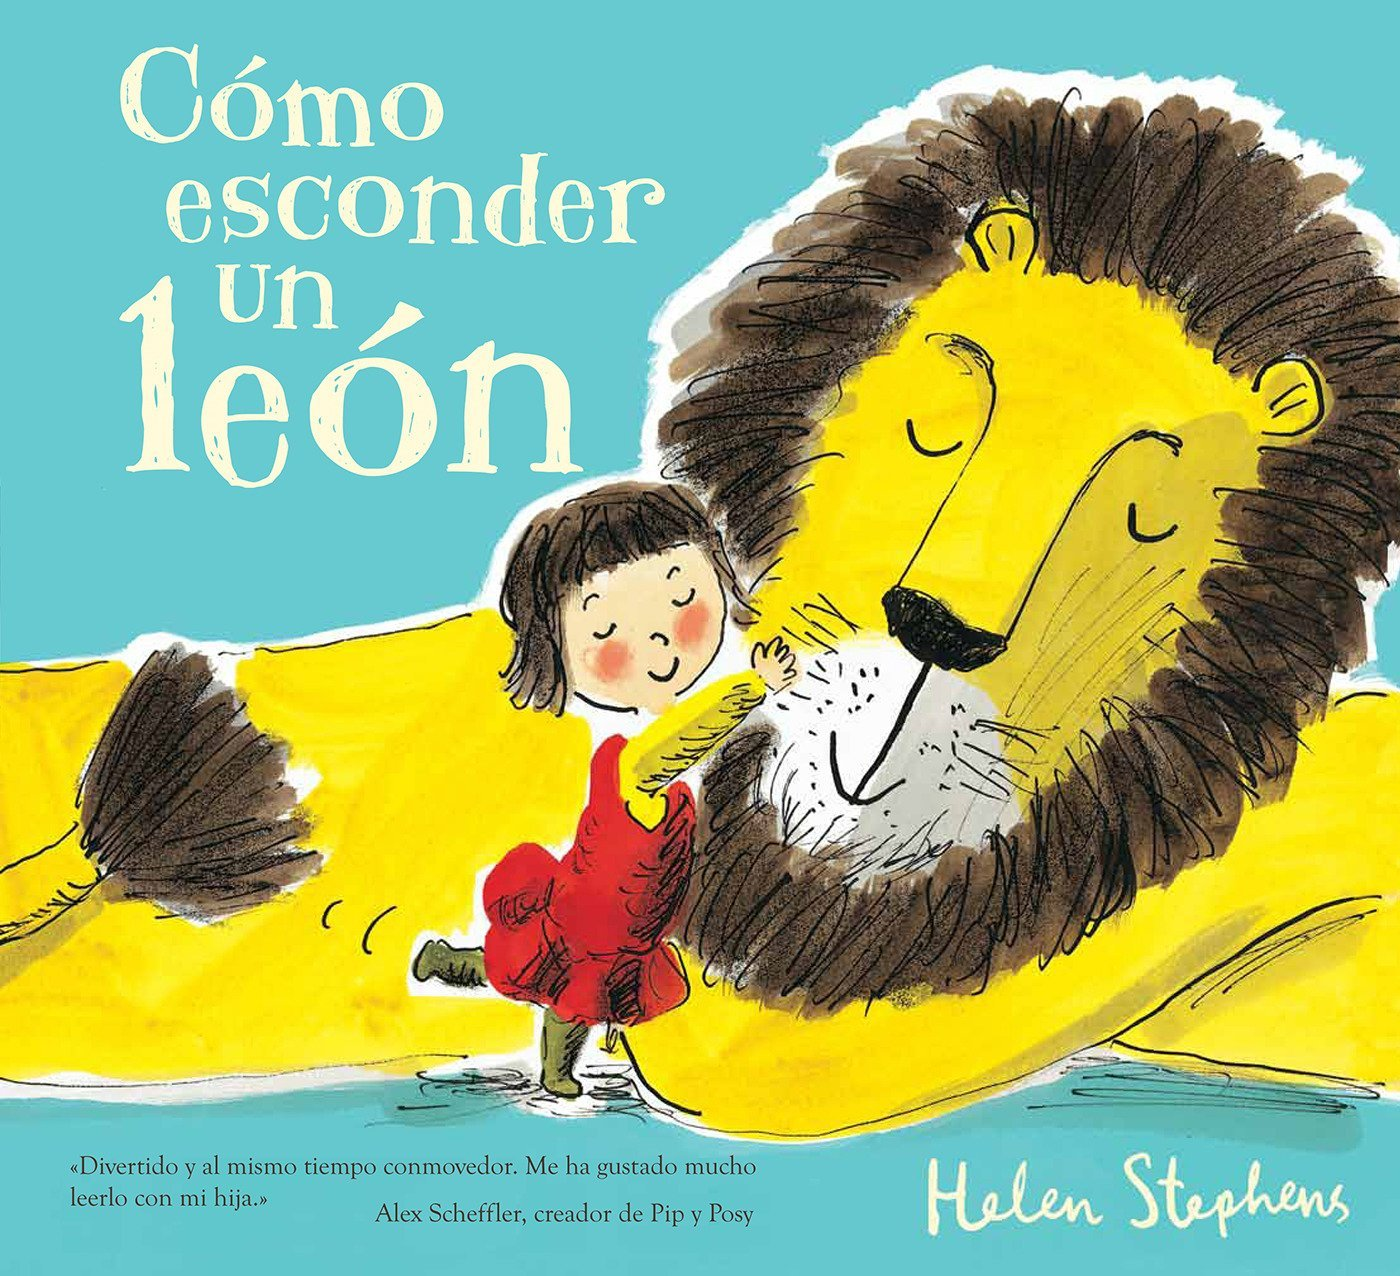 Cómo esconder un león (B de Blok): Amazon.es: Helen Stephens: Libros